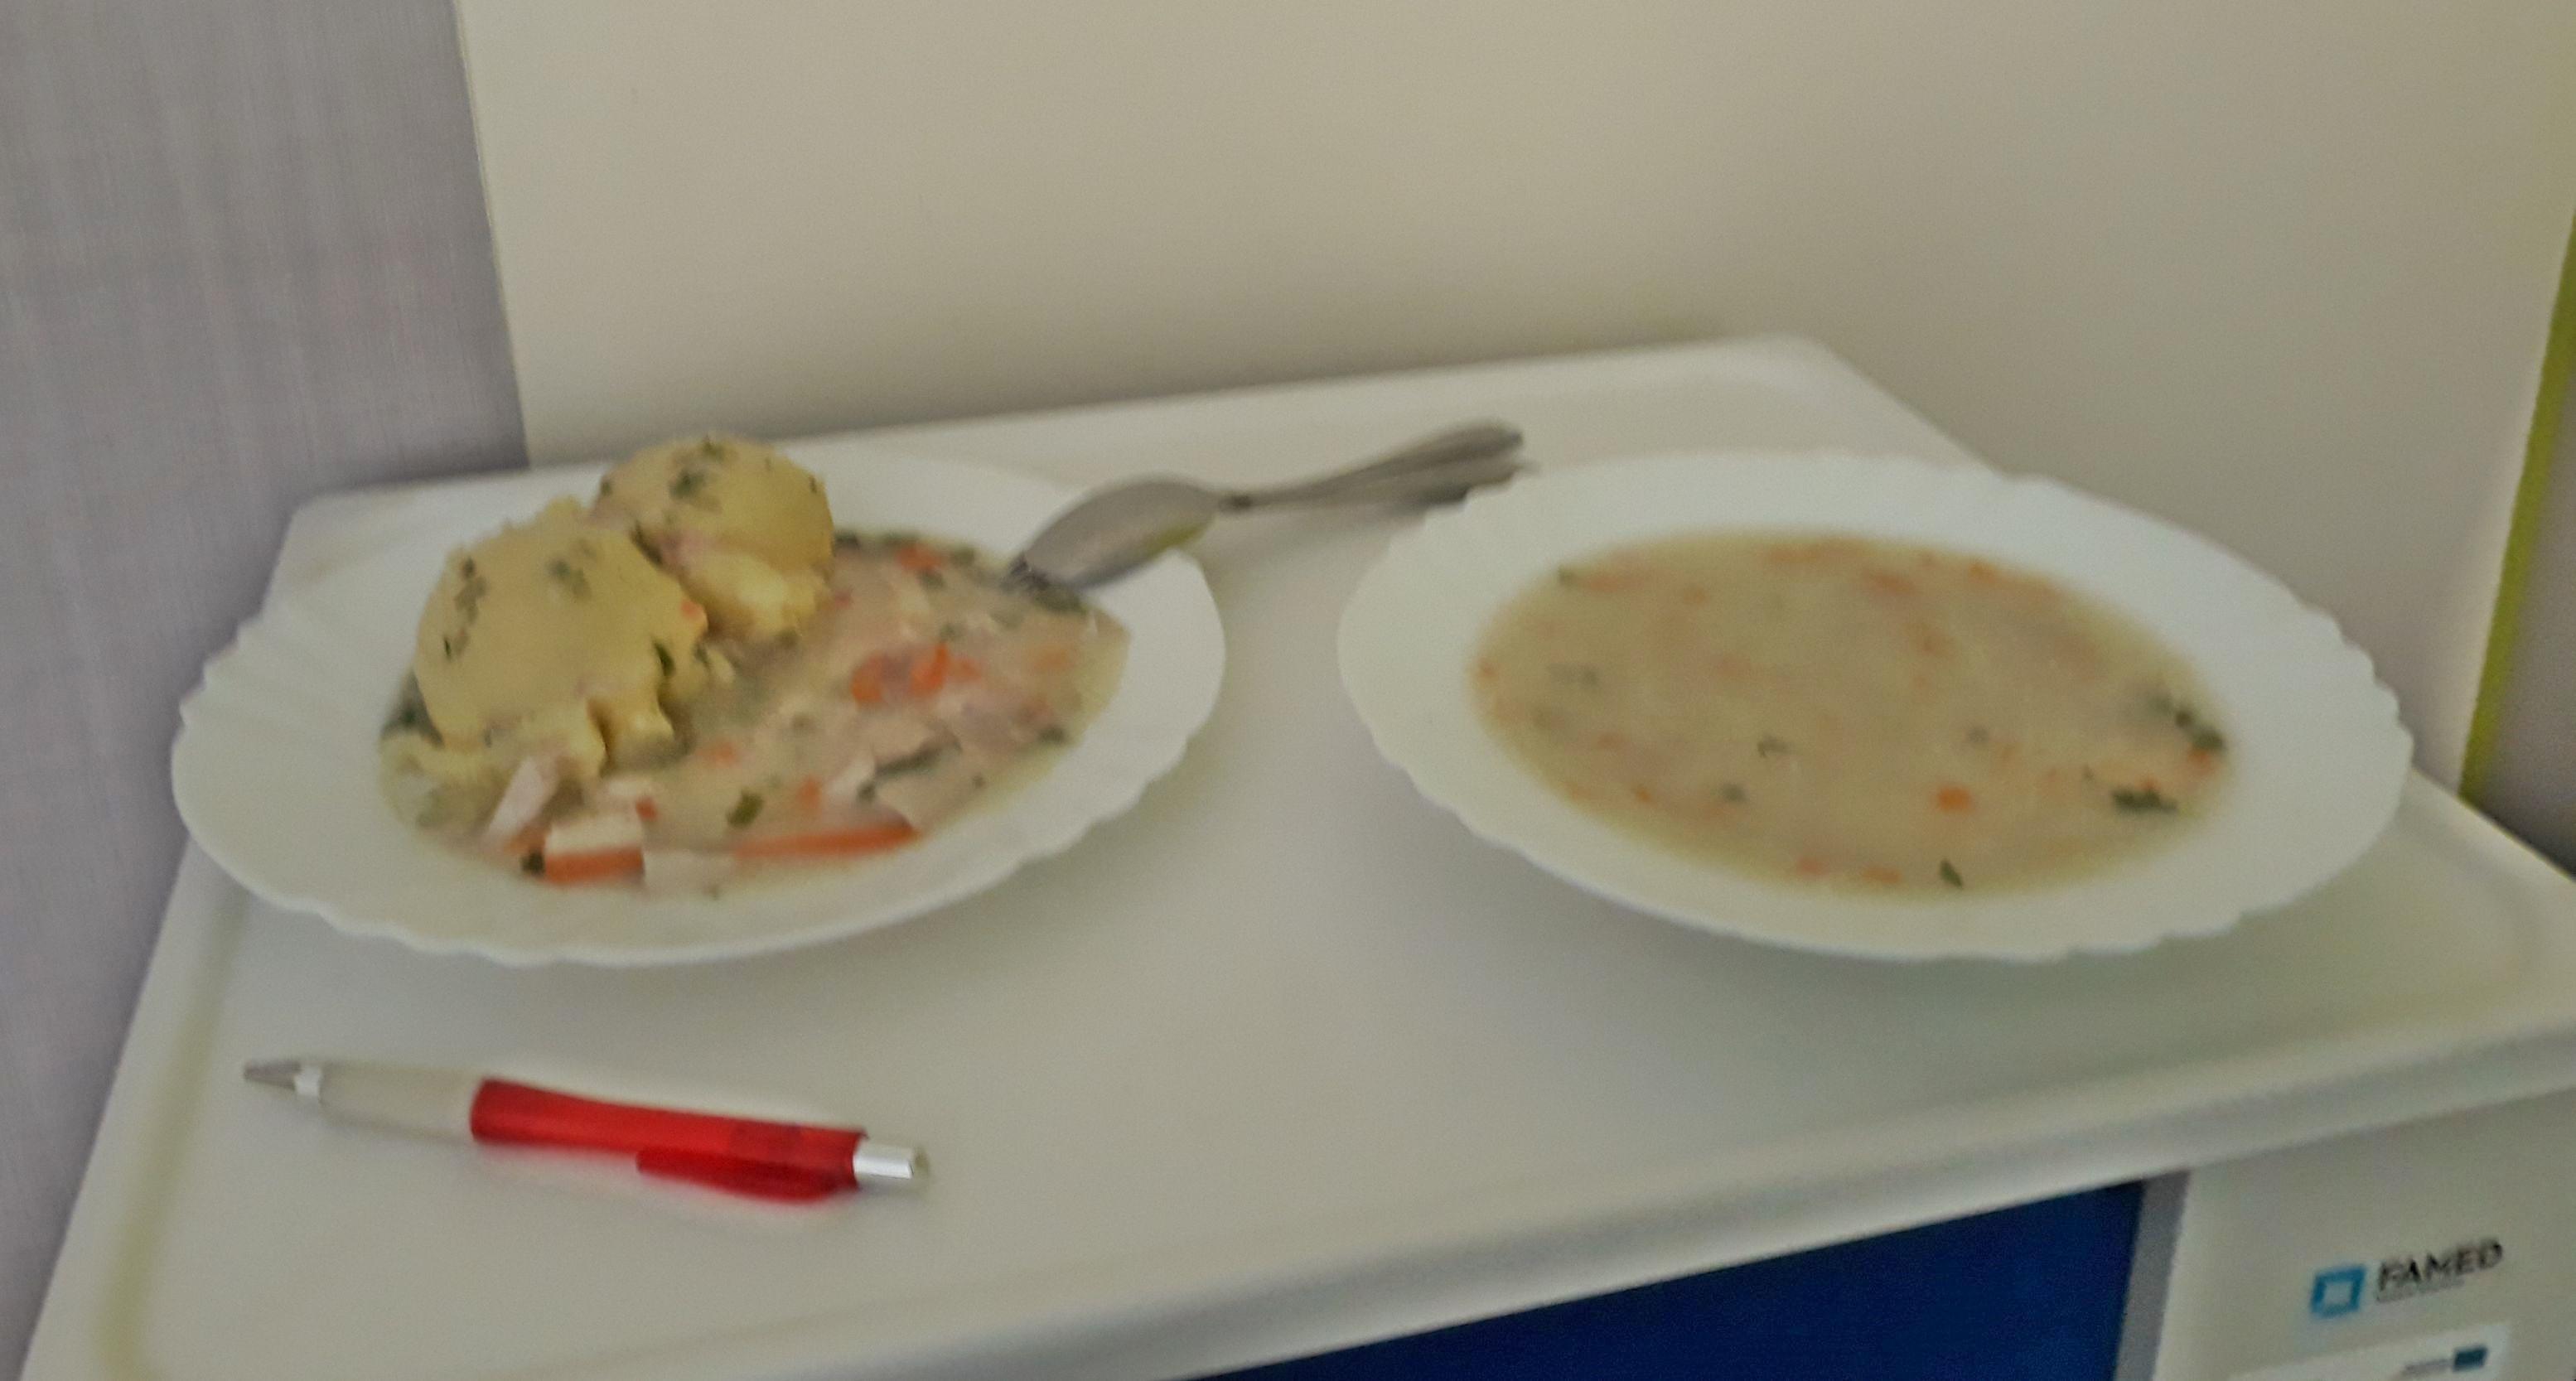 Szpitalna Kuchnia Do Wymiany Garnki I Patelnie Mają Po 30